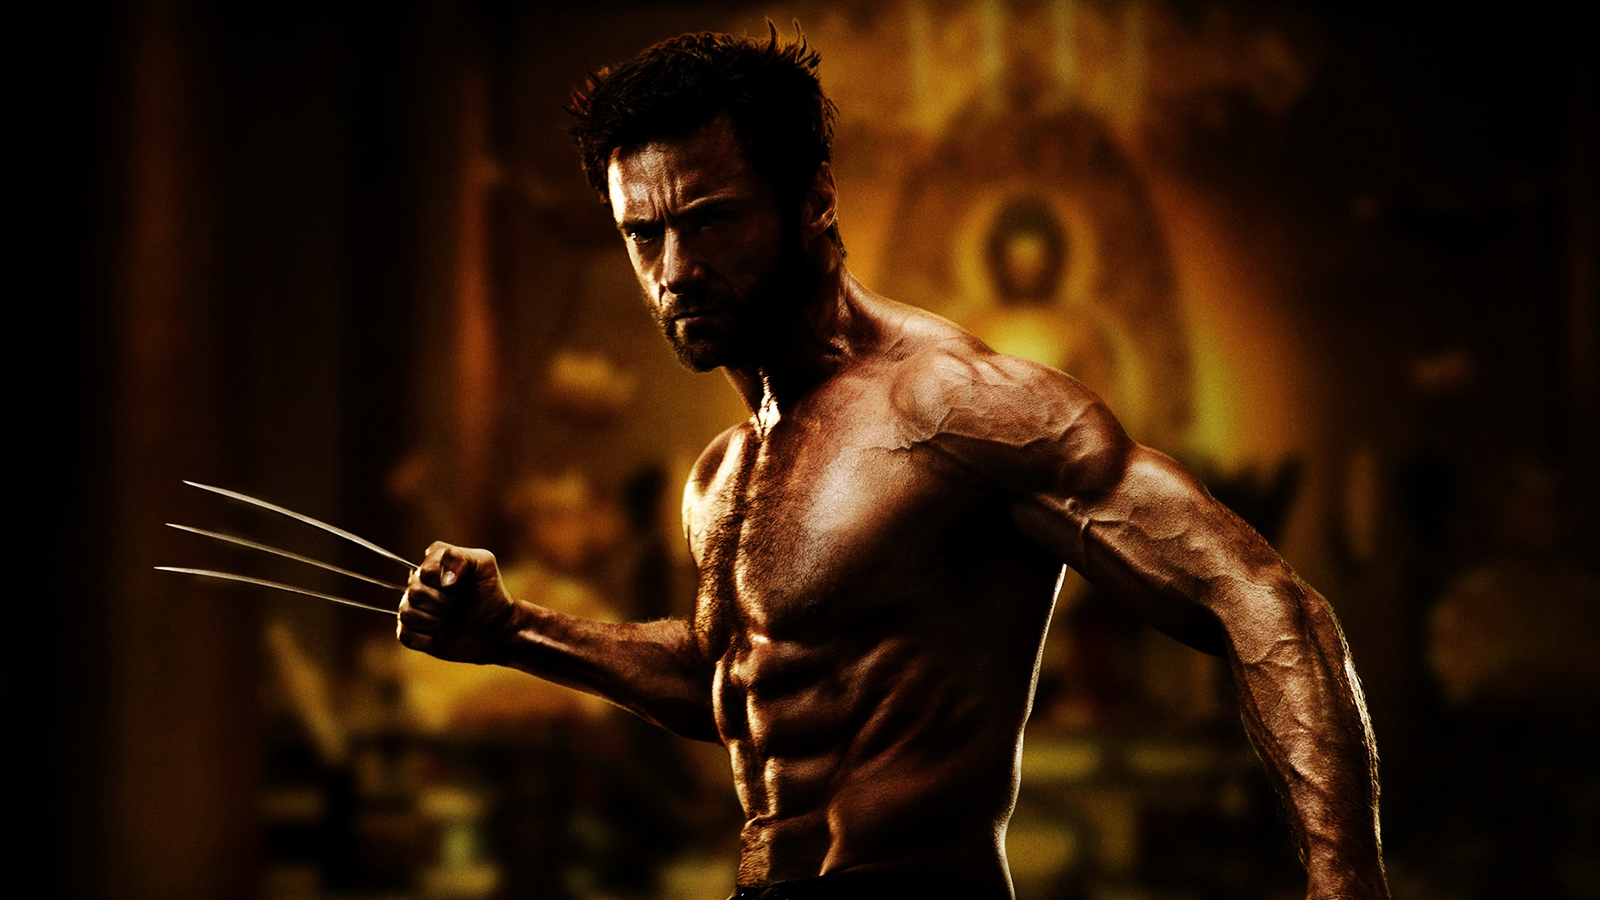 Hugh Jackman Wolverine Movie